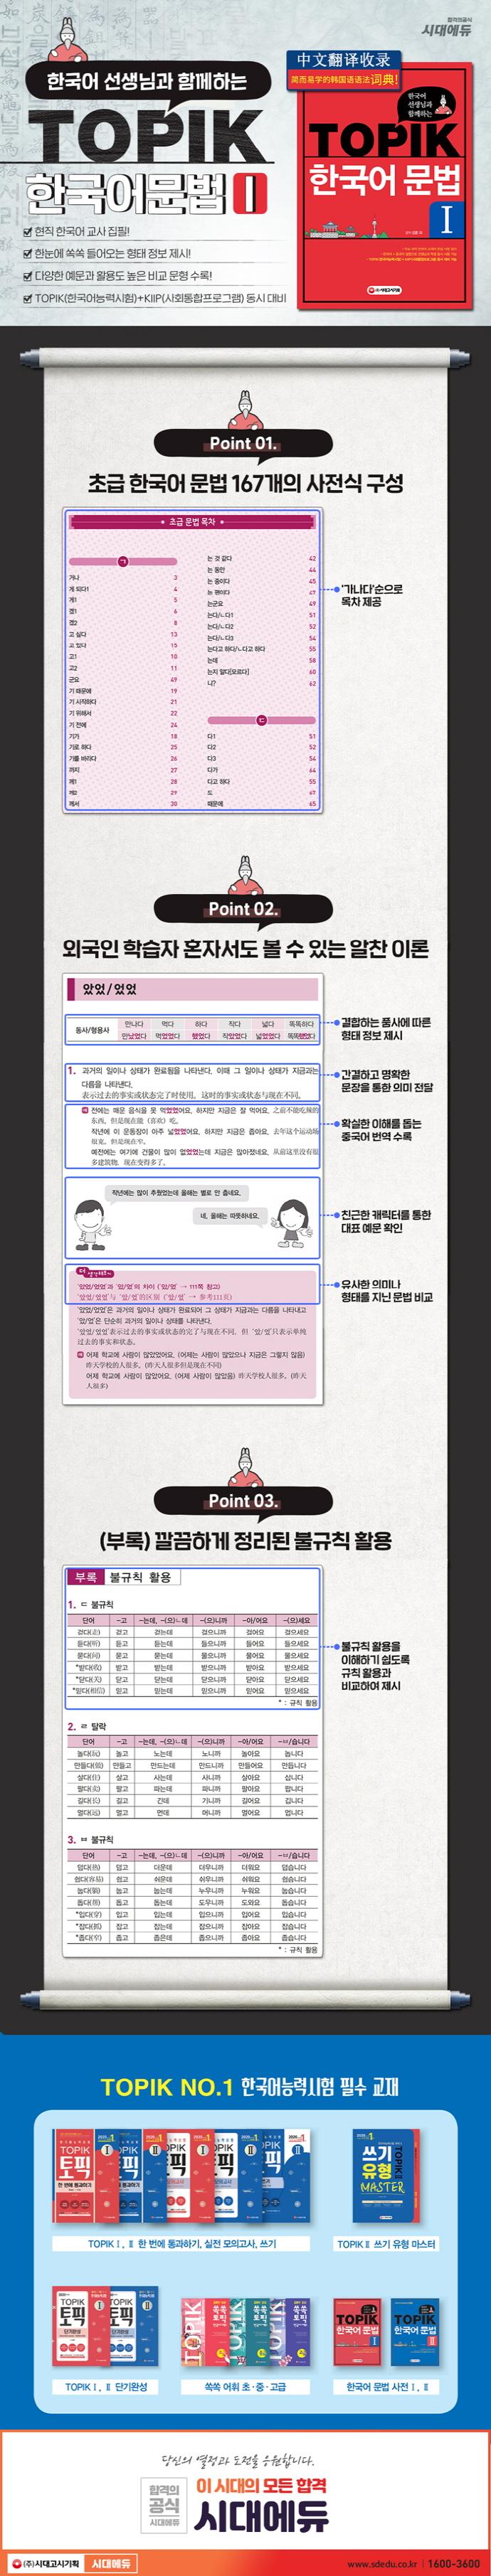 TOPIK 한국어 문법. 1(한국어 선생님과 함께하는)(개정판 3판) 도서 상세이미지